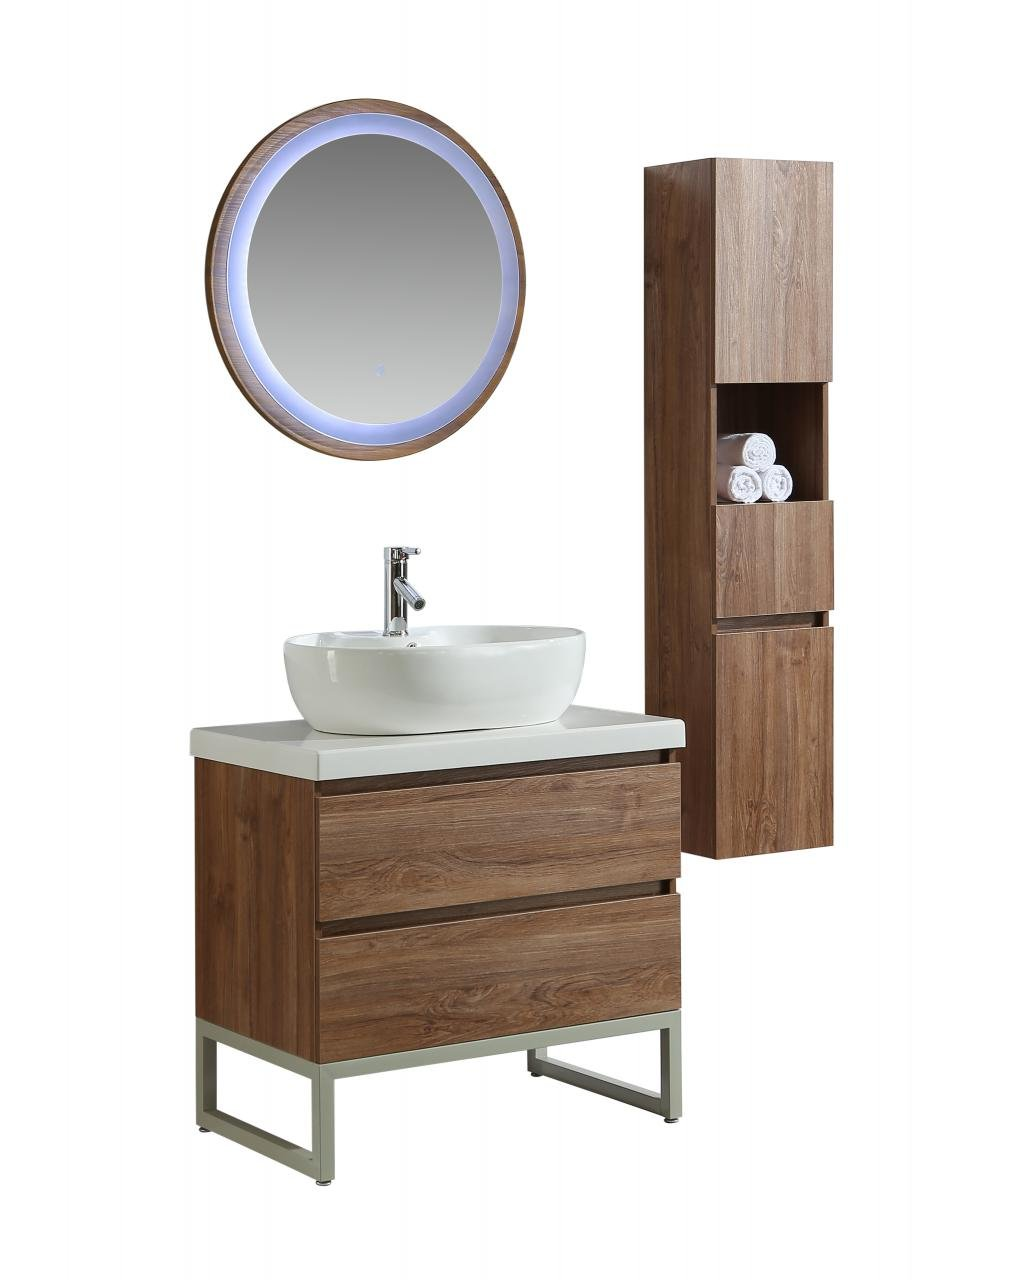 Mobile arredo bagno paris 90 cm moderno colonna arredo for Arredo bagno colonna